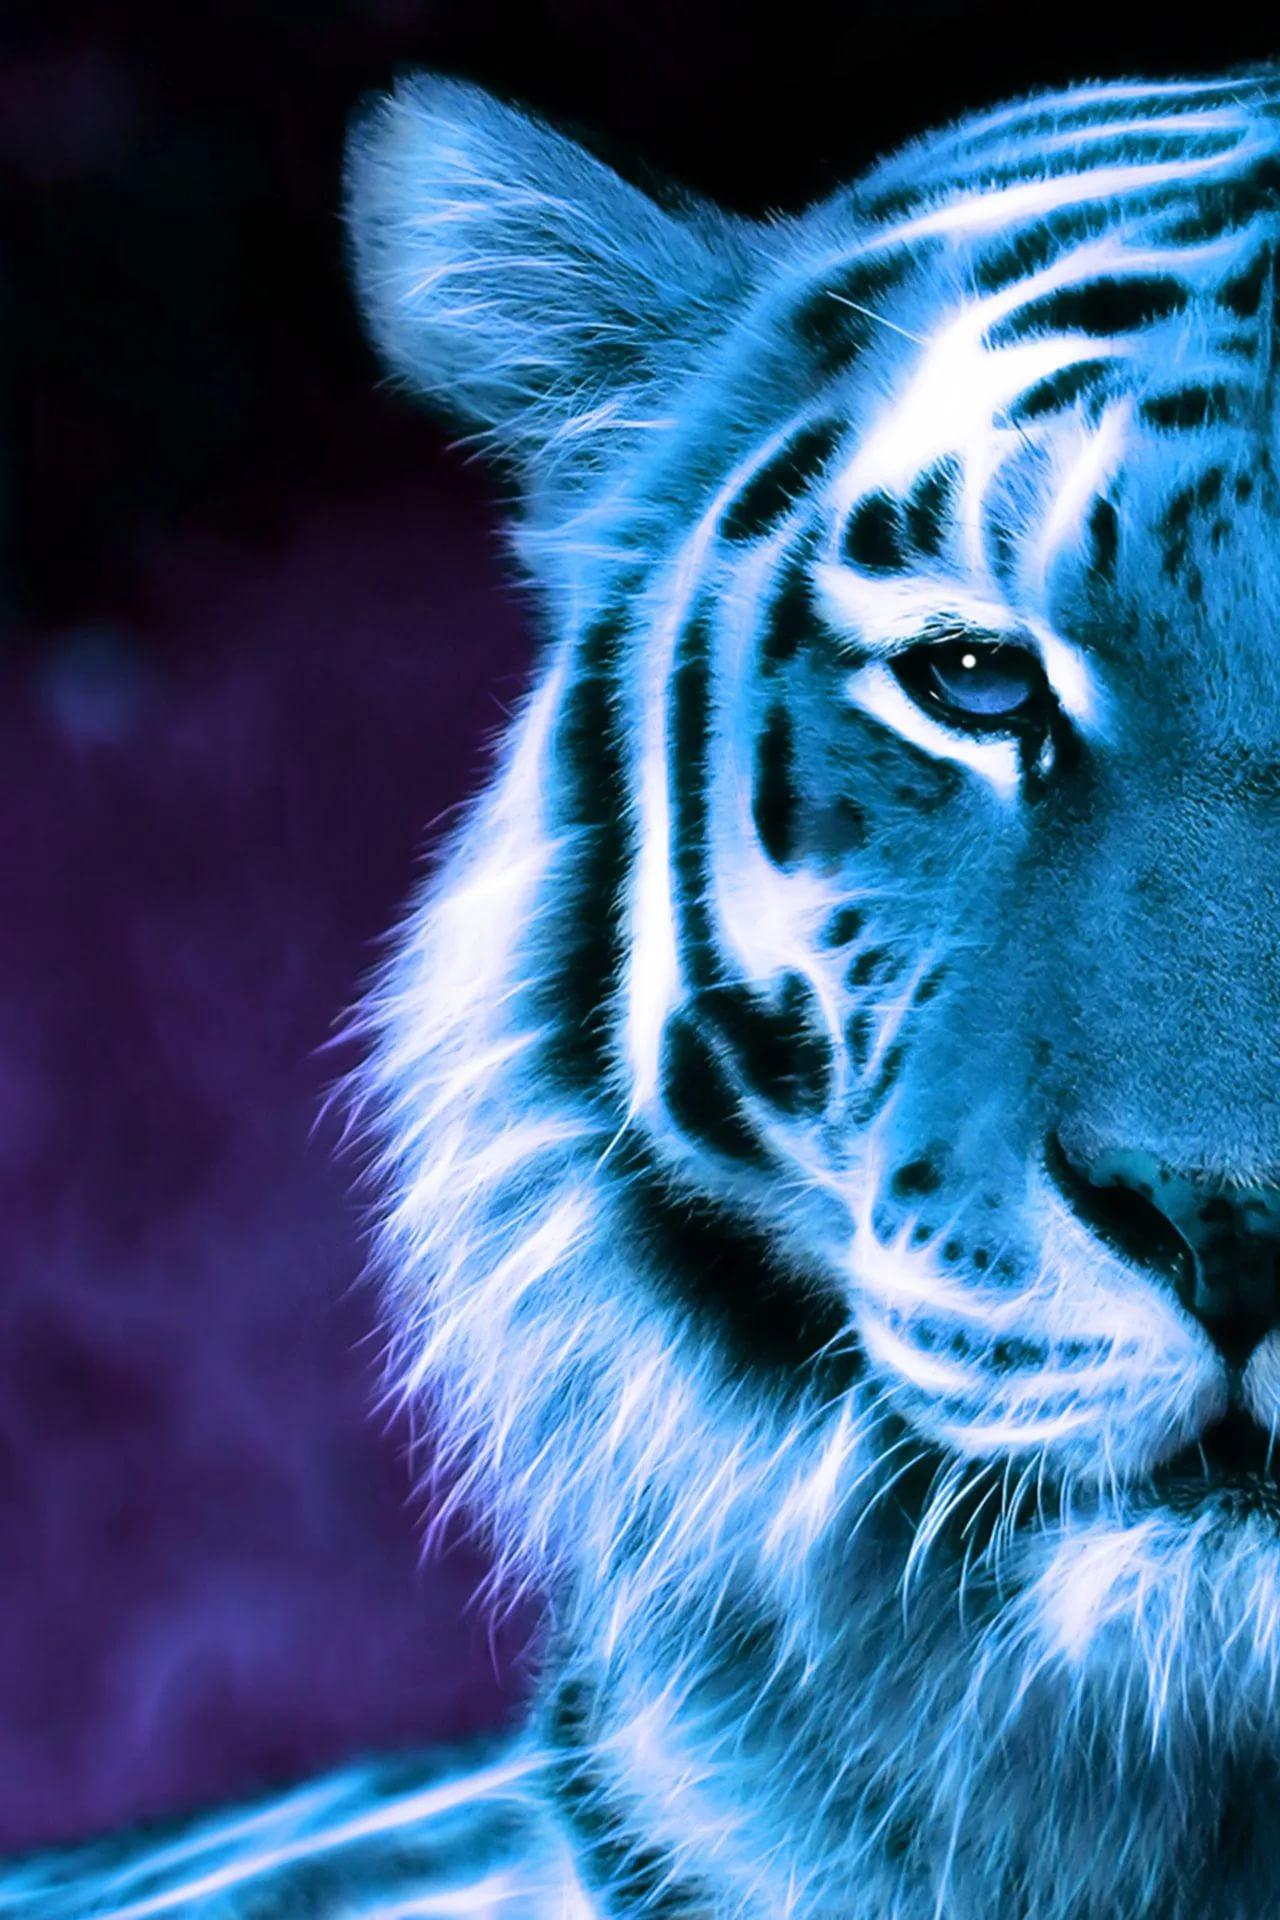 Картинки тигра на телефон скачать лучшие 9